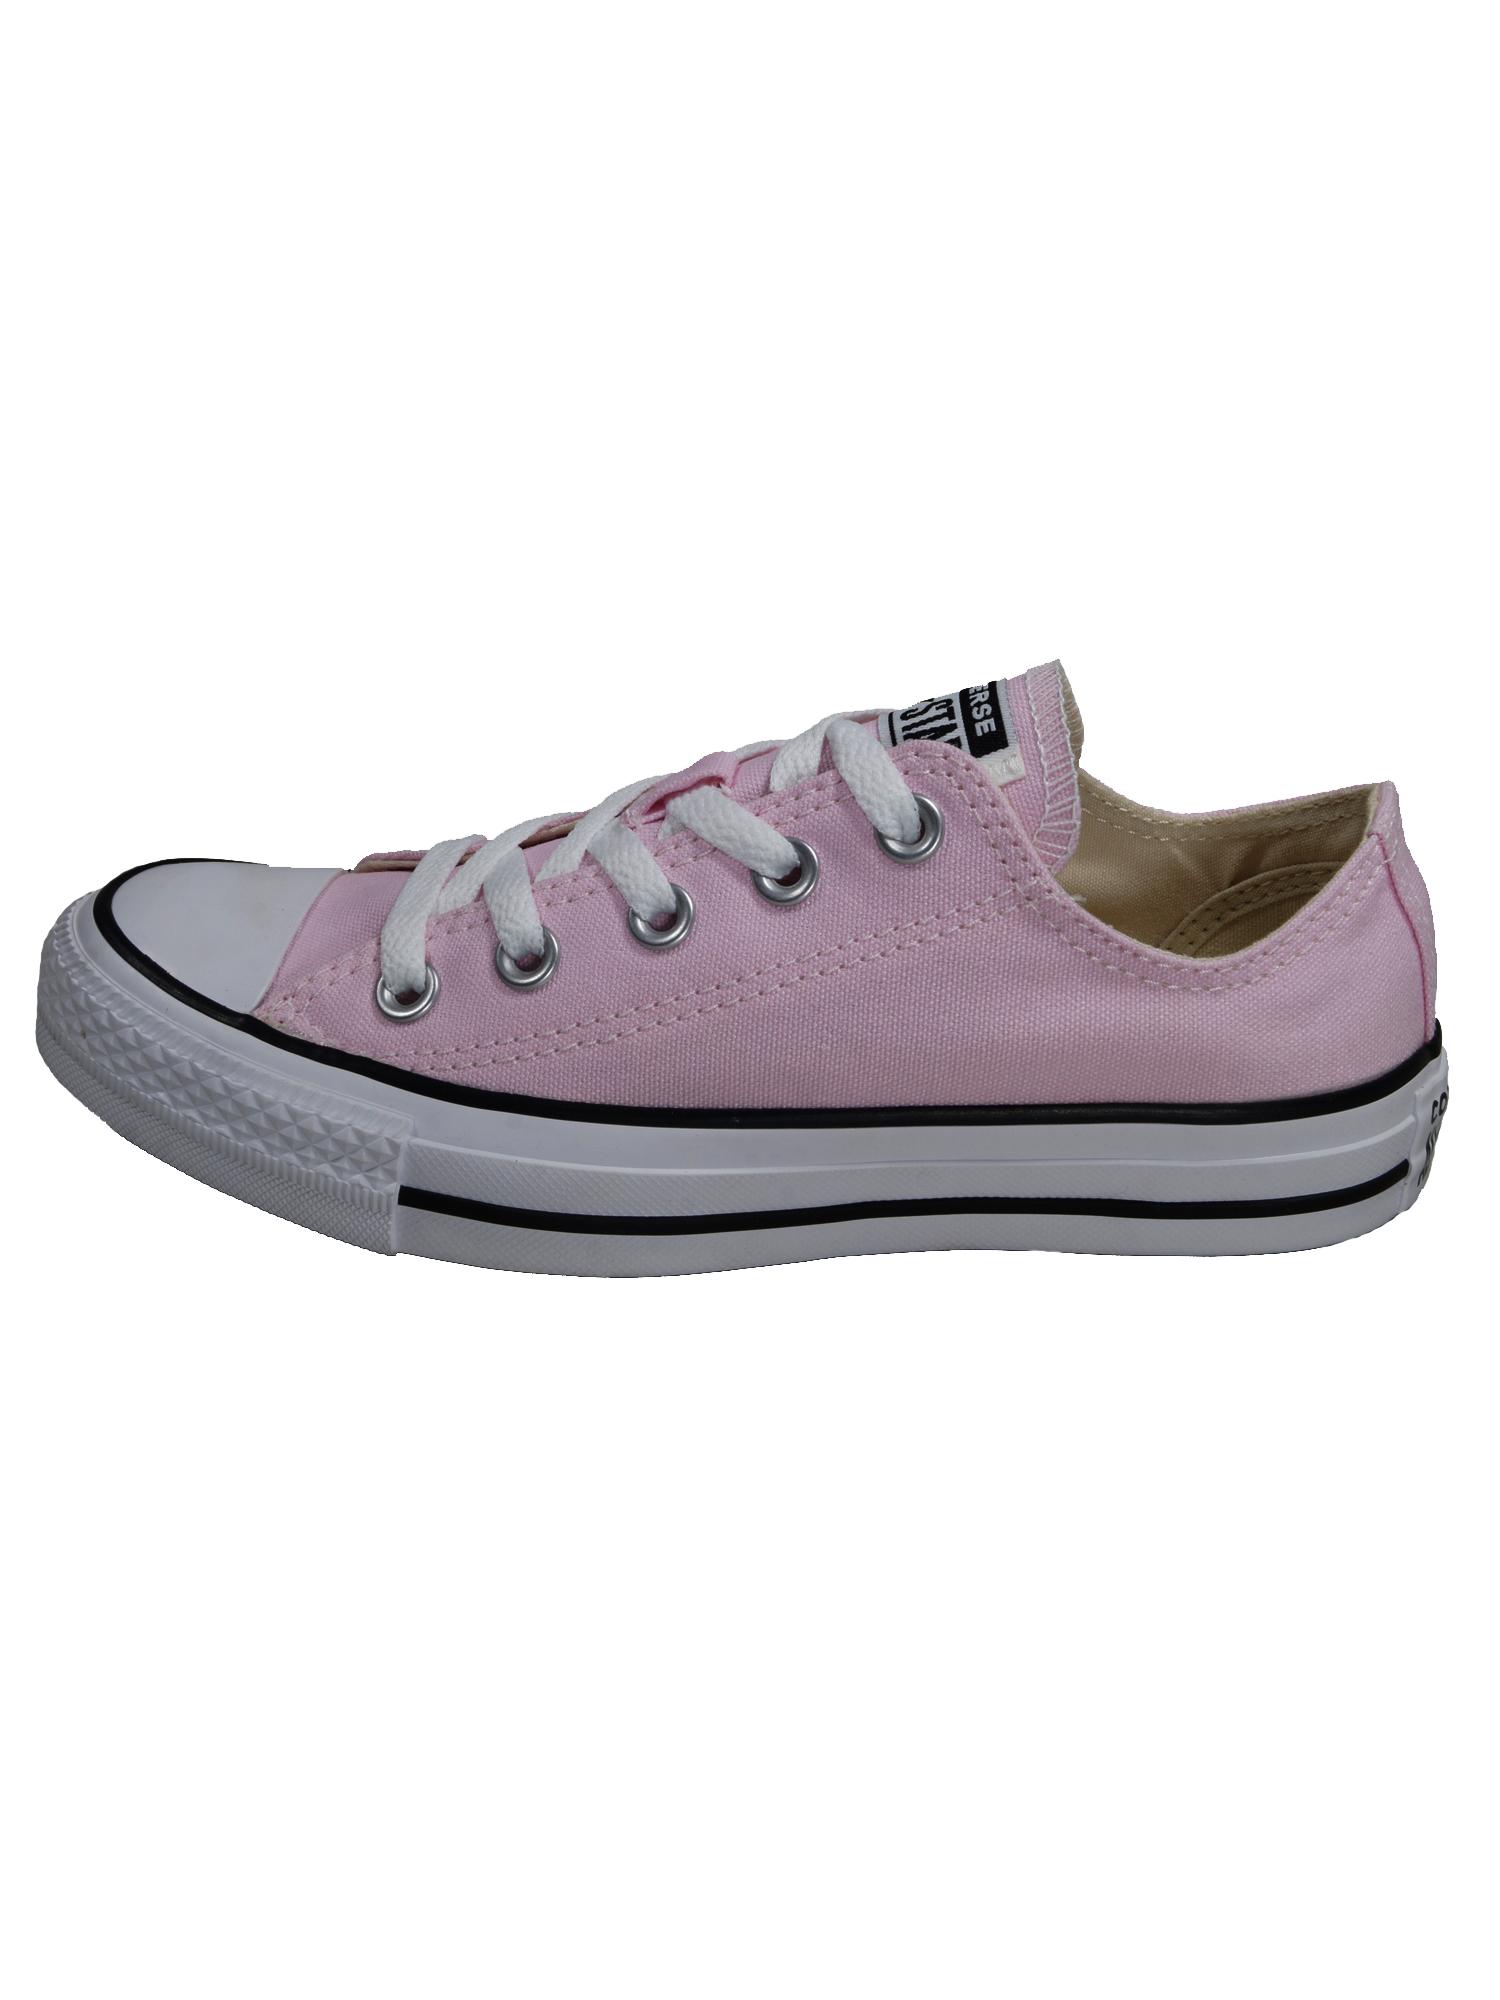 Converse Damen Schuhe CT All Star Ox Rosa Leinen Sneakers Größe 39, 5